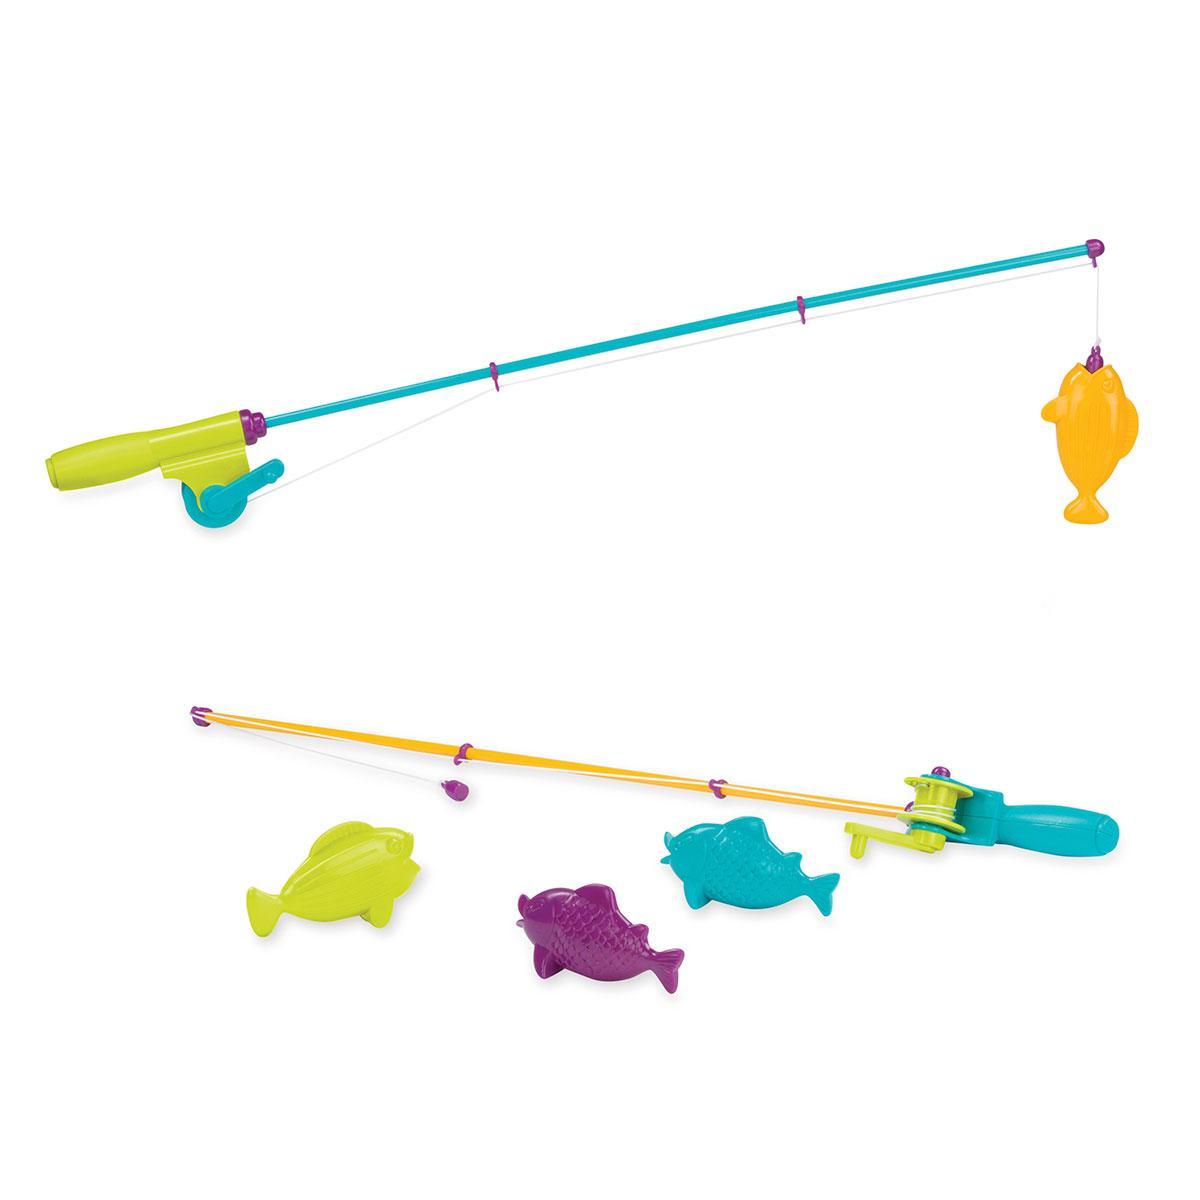 Игровой Набор - Магнитная Рыбалка new Battat Magnetic Fishing Set Fishing Game with 2 Magnetic Rods & 4 Fish